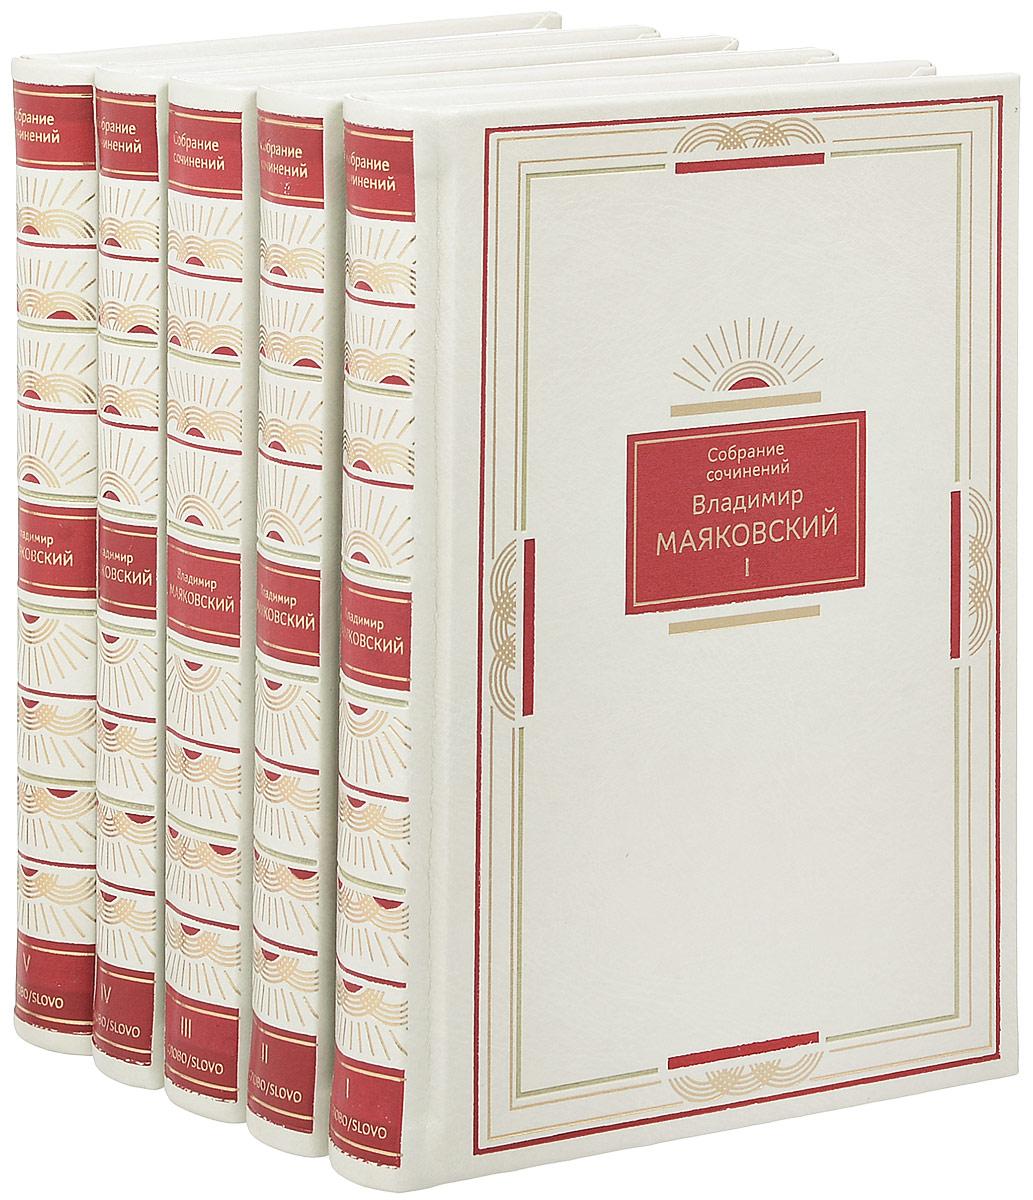 Владимир Маяковский Владимир Маяковский. Собрание сочинений в 5 томах (подарочное издание)